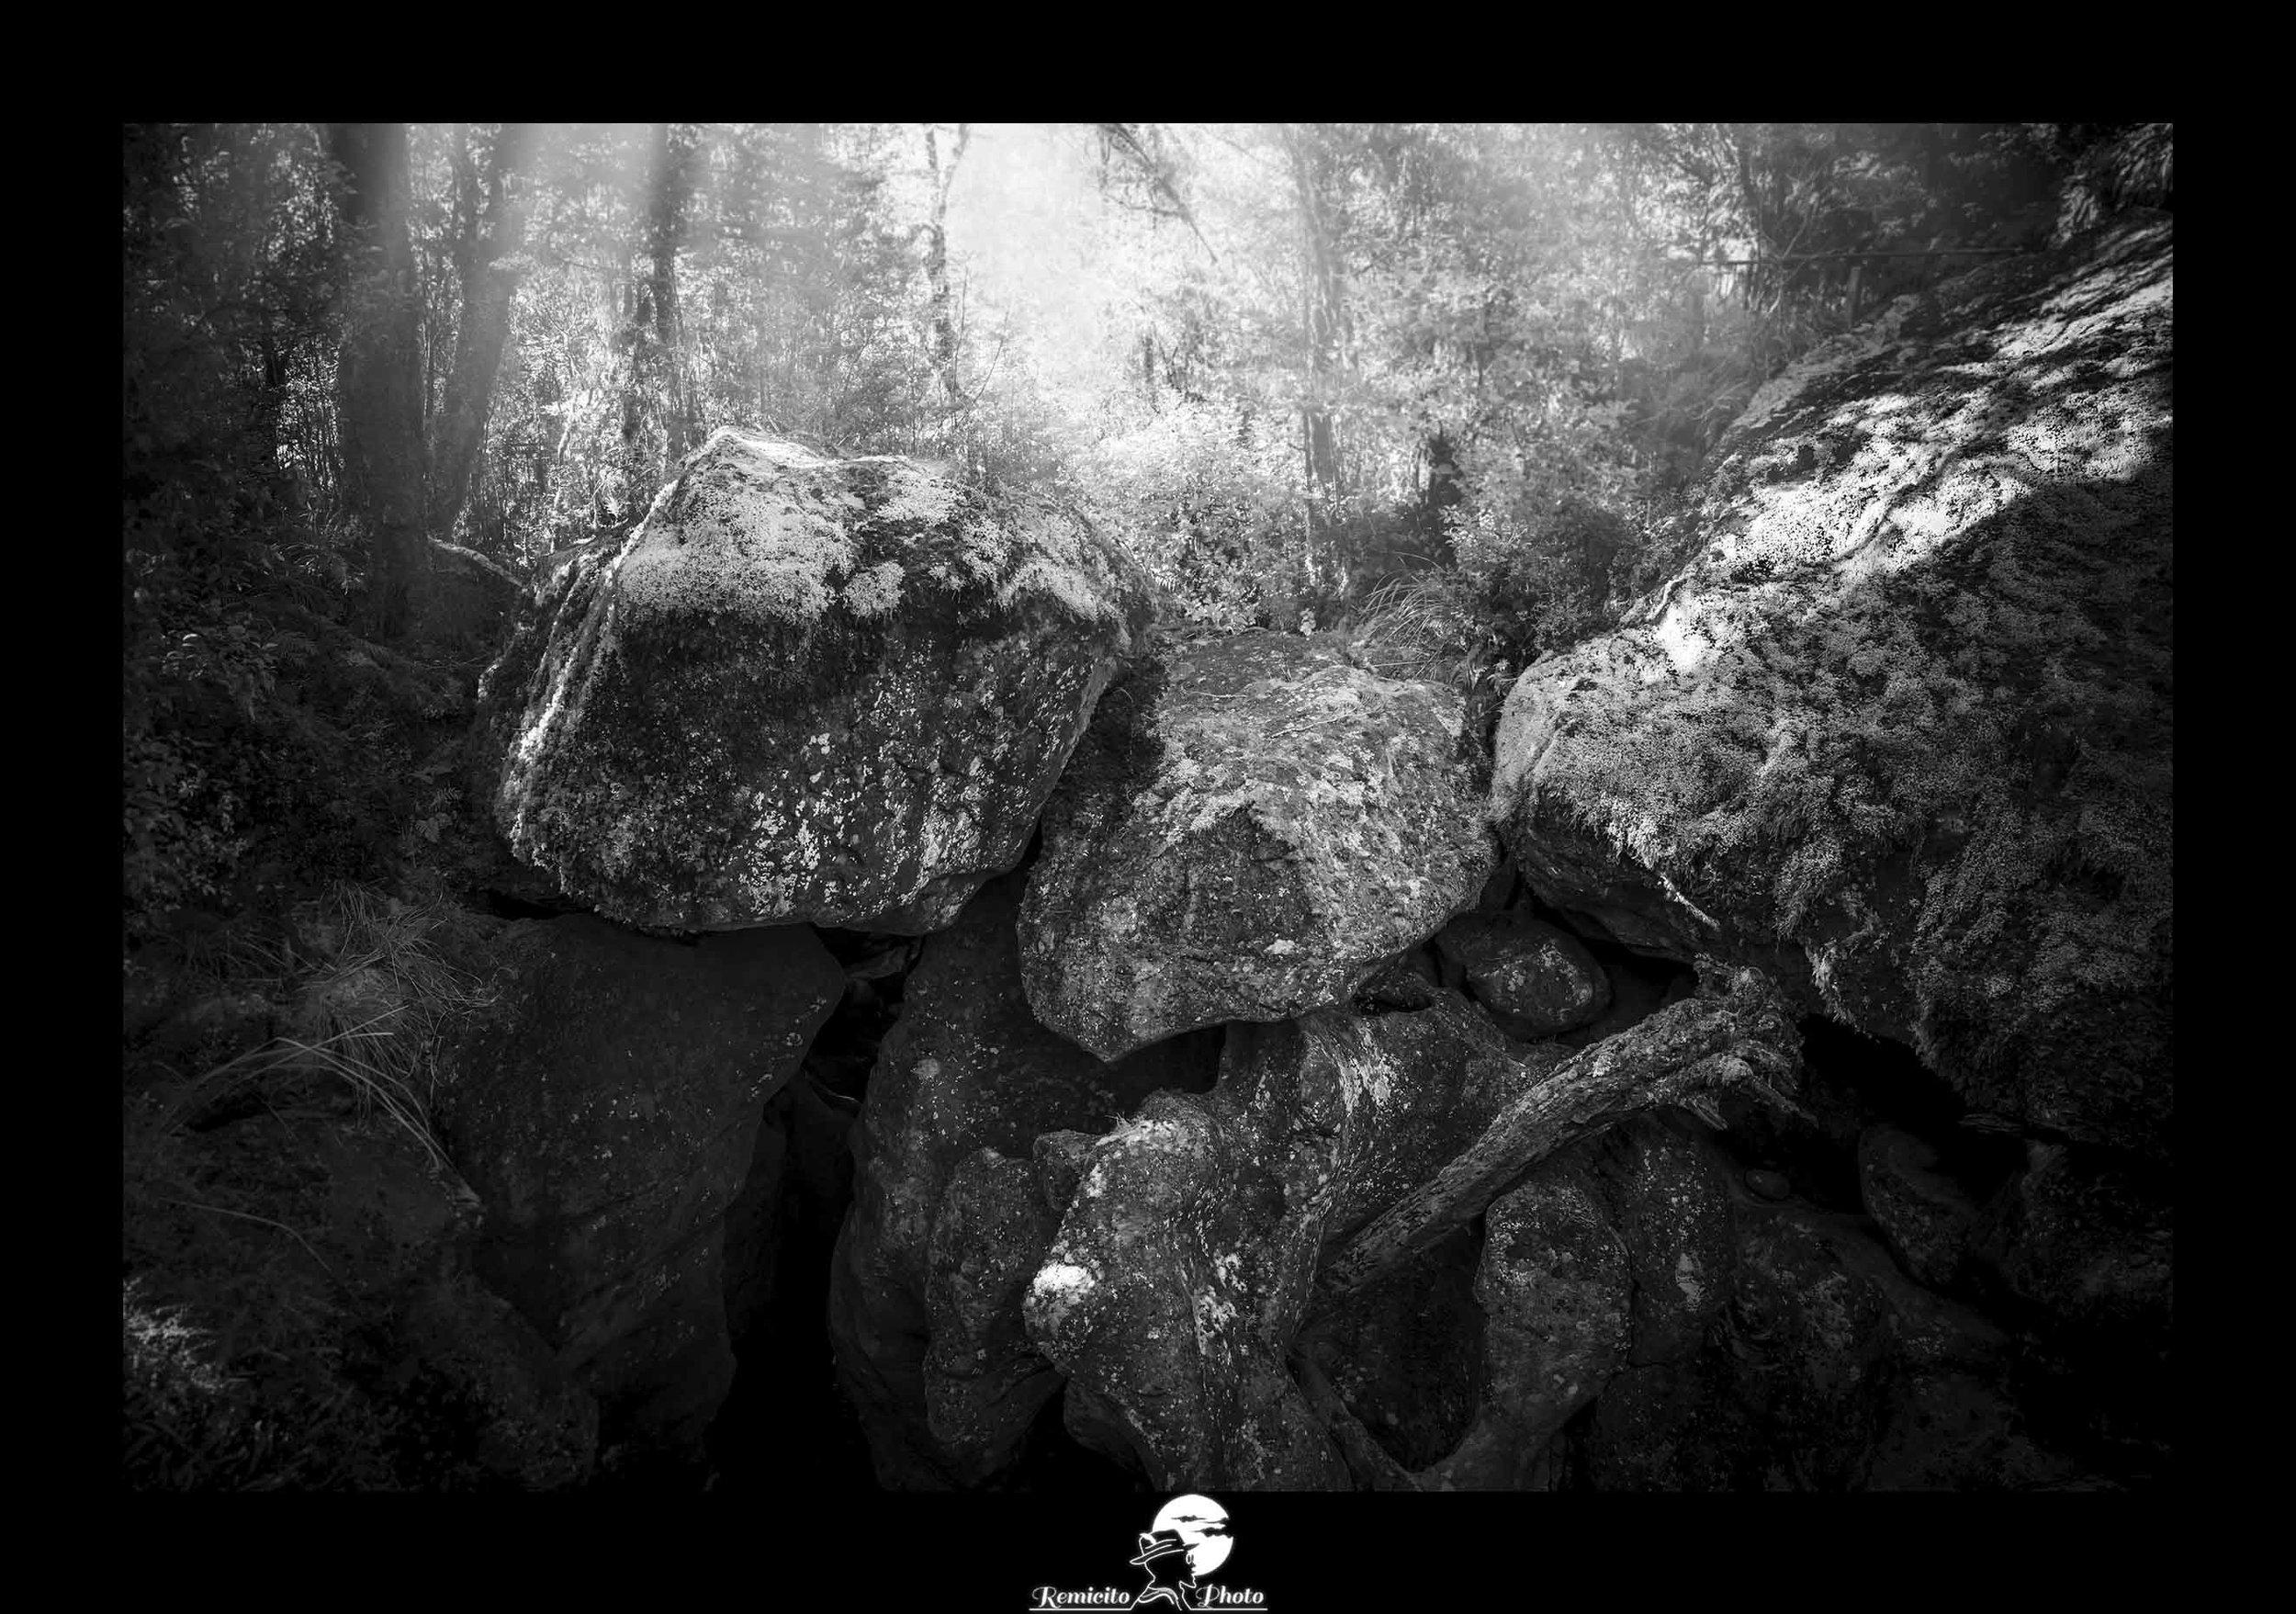 Remicito photo, remicito rémi lacombe photographe paris, belle photo photographe nature voyage remicito, belle photo idée cadeau photo noir et blanc forêt nature, photo nouvelle zélande noir et blanc rocher nature